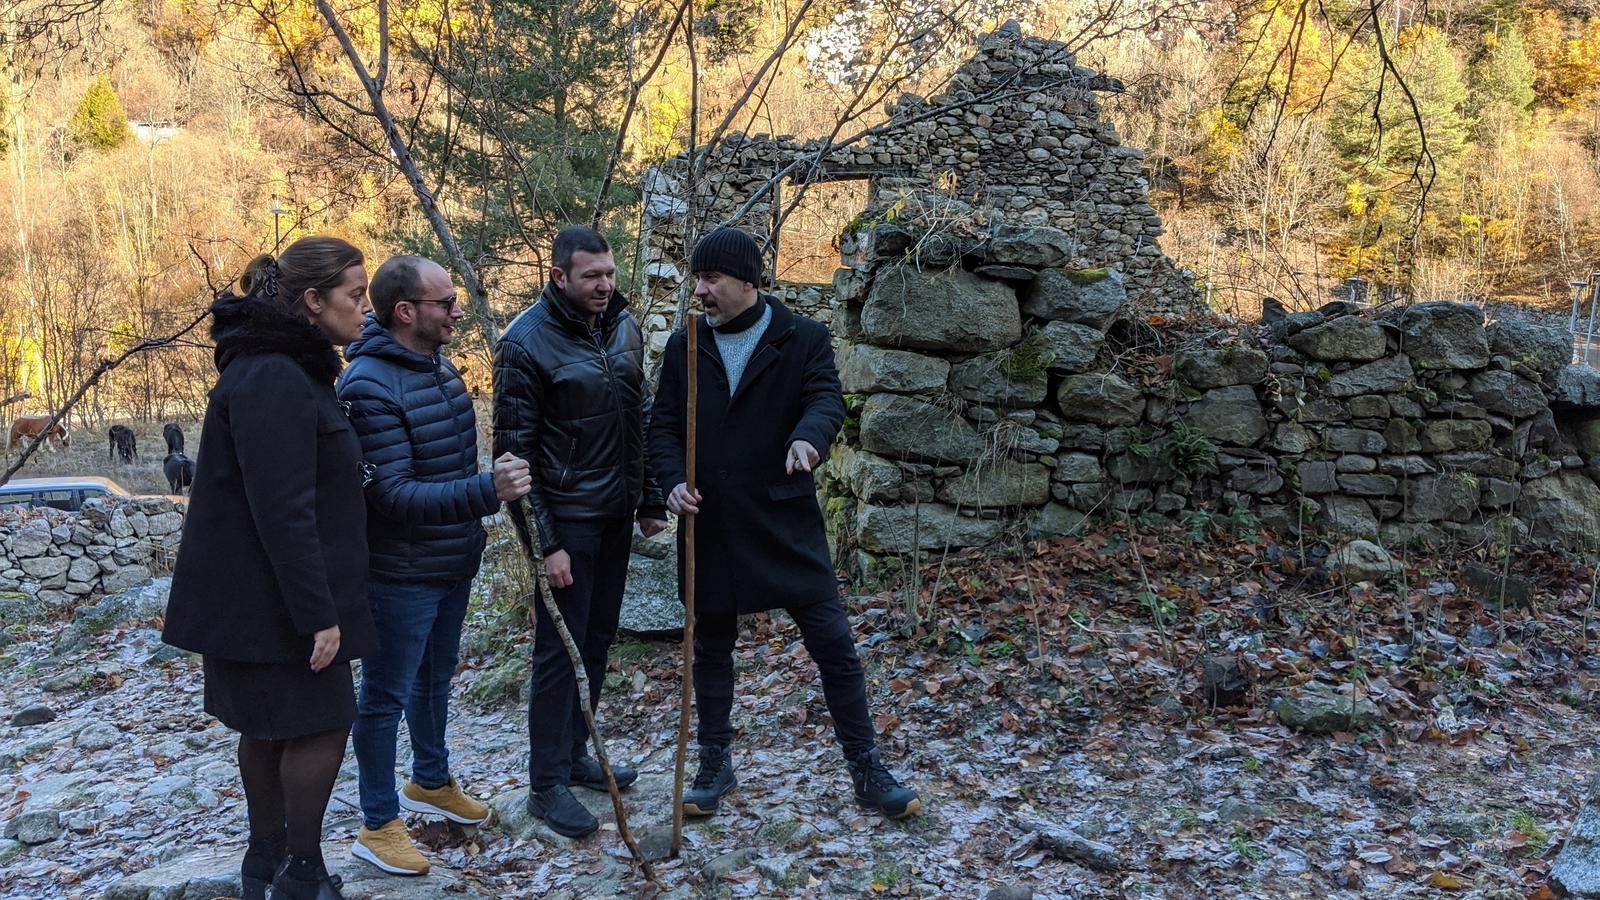 UxEE ha presentat a la Vall del Madriu-Perafita-Claror els seus punts del programa electoral referents al turisme. / UxEE